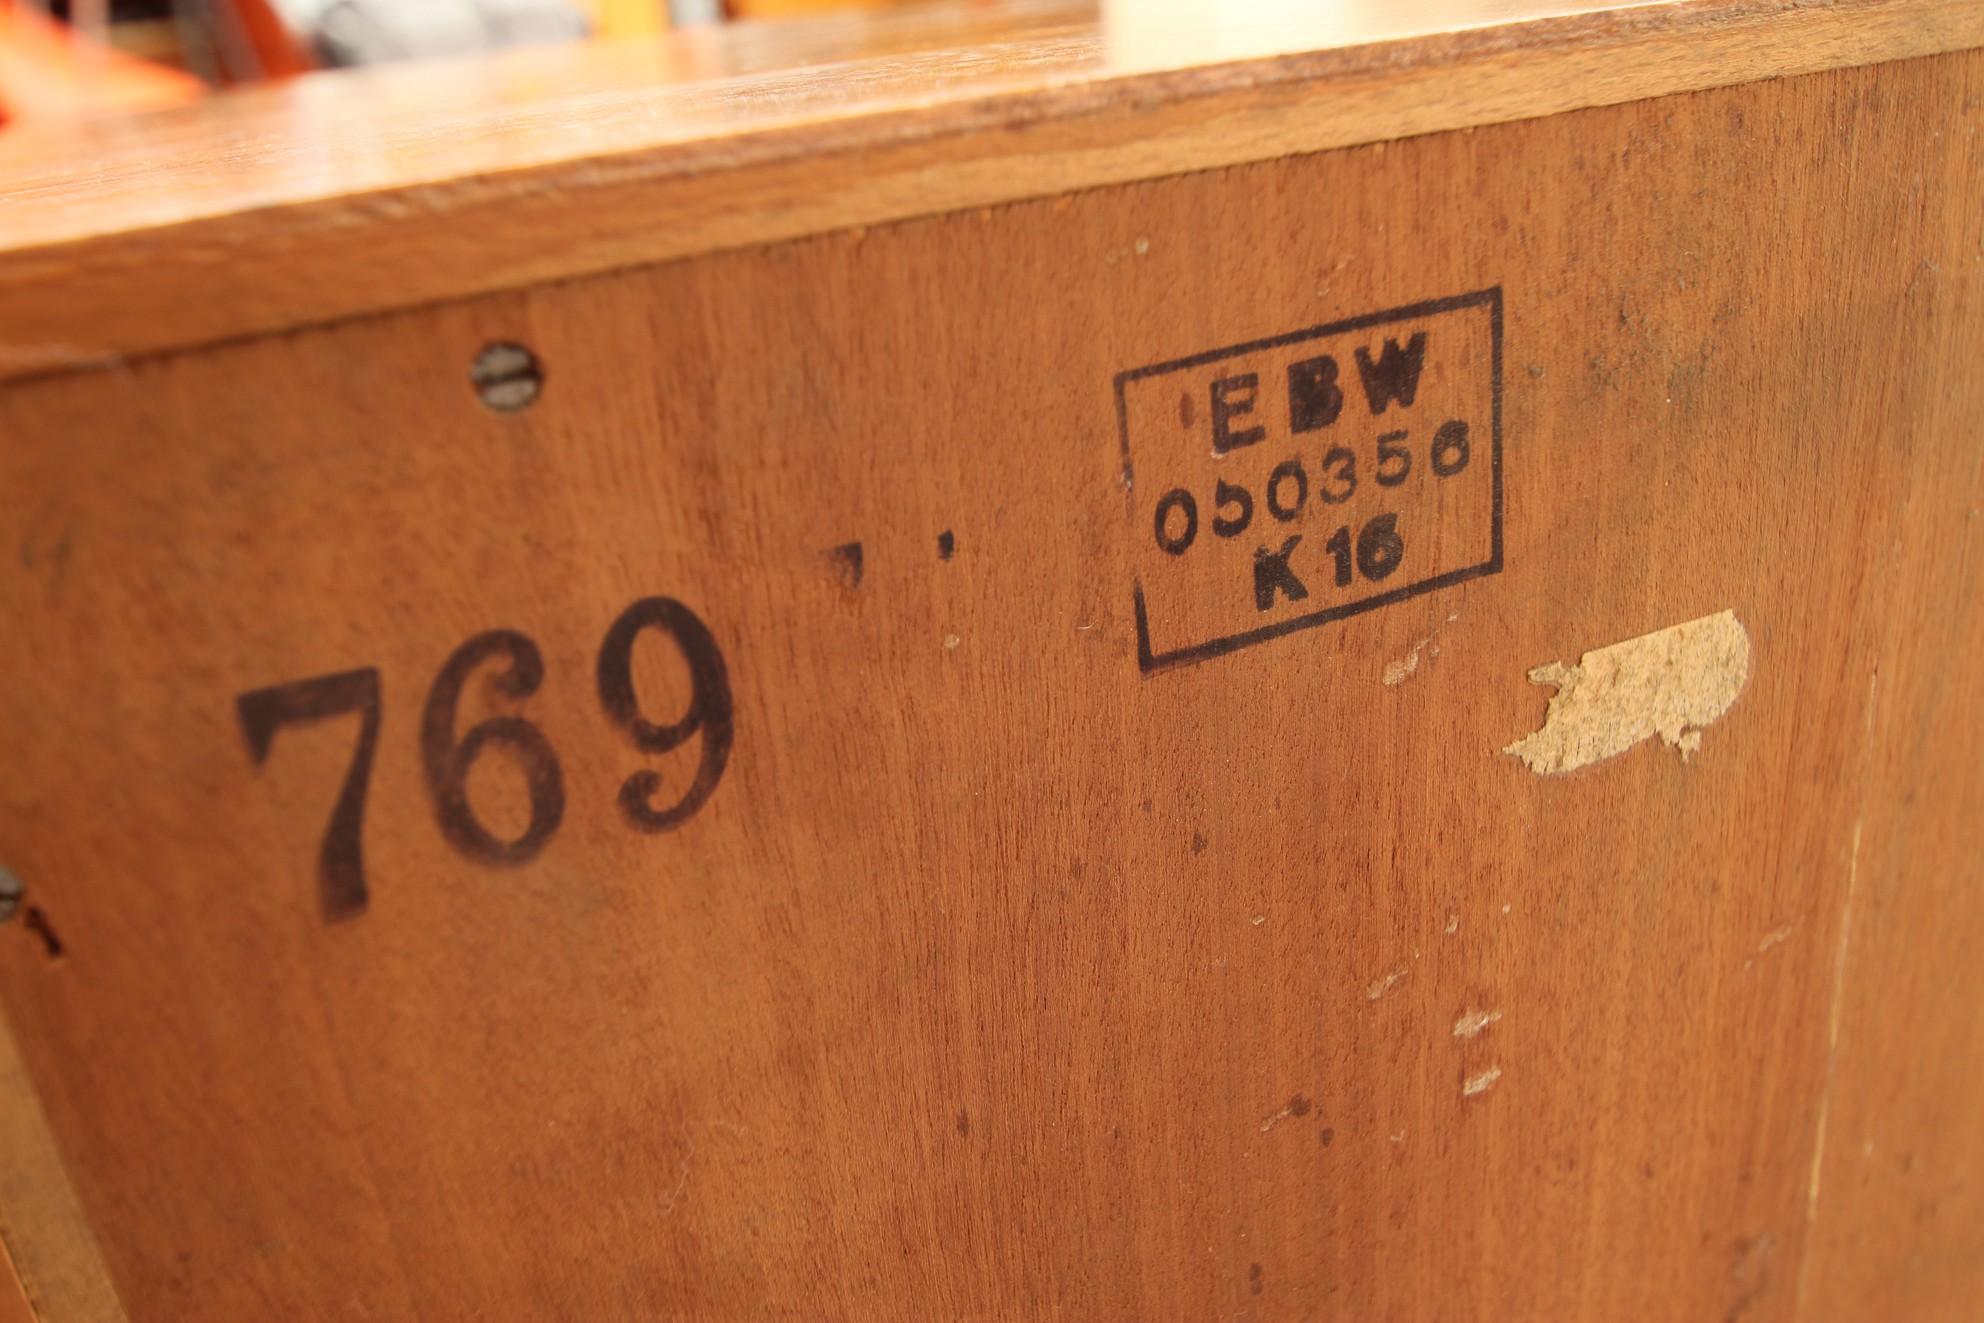 Behr wendlingen affordable sideboard by dieter waeckerlin for Behr wendlingen